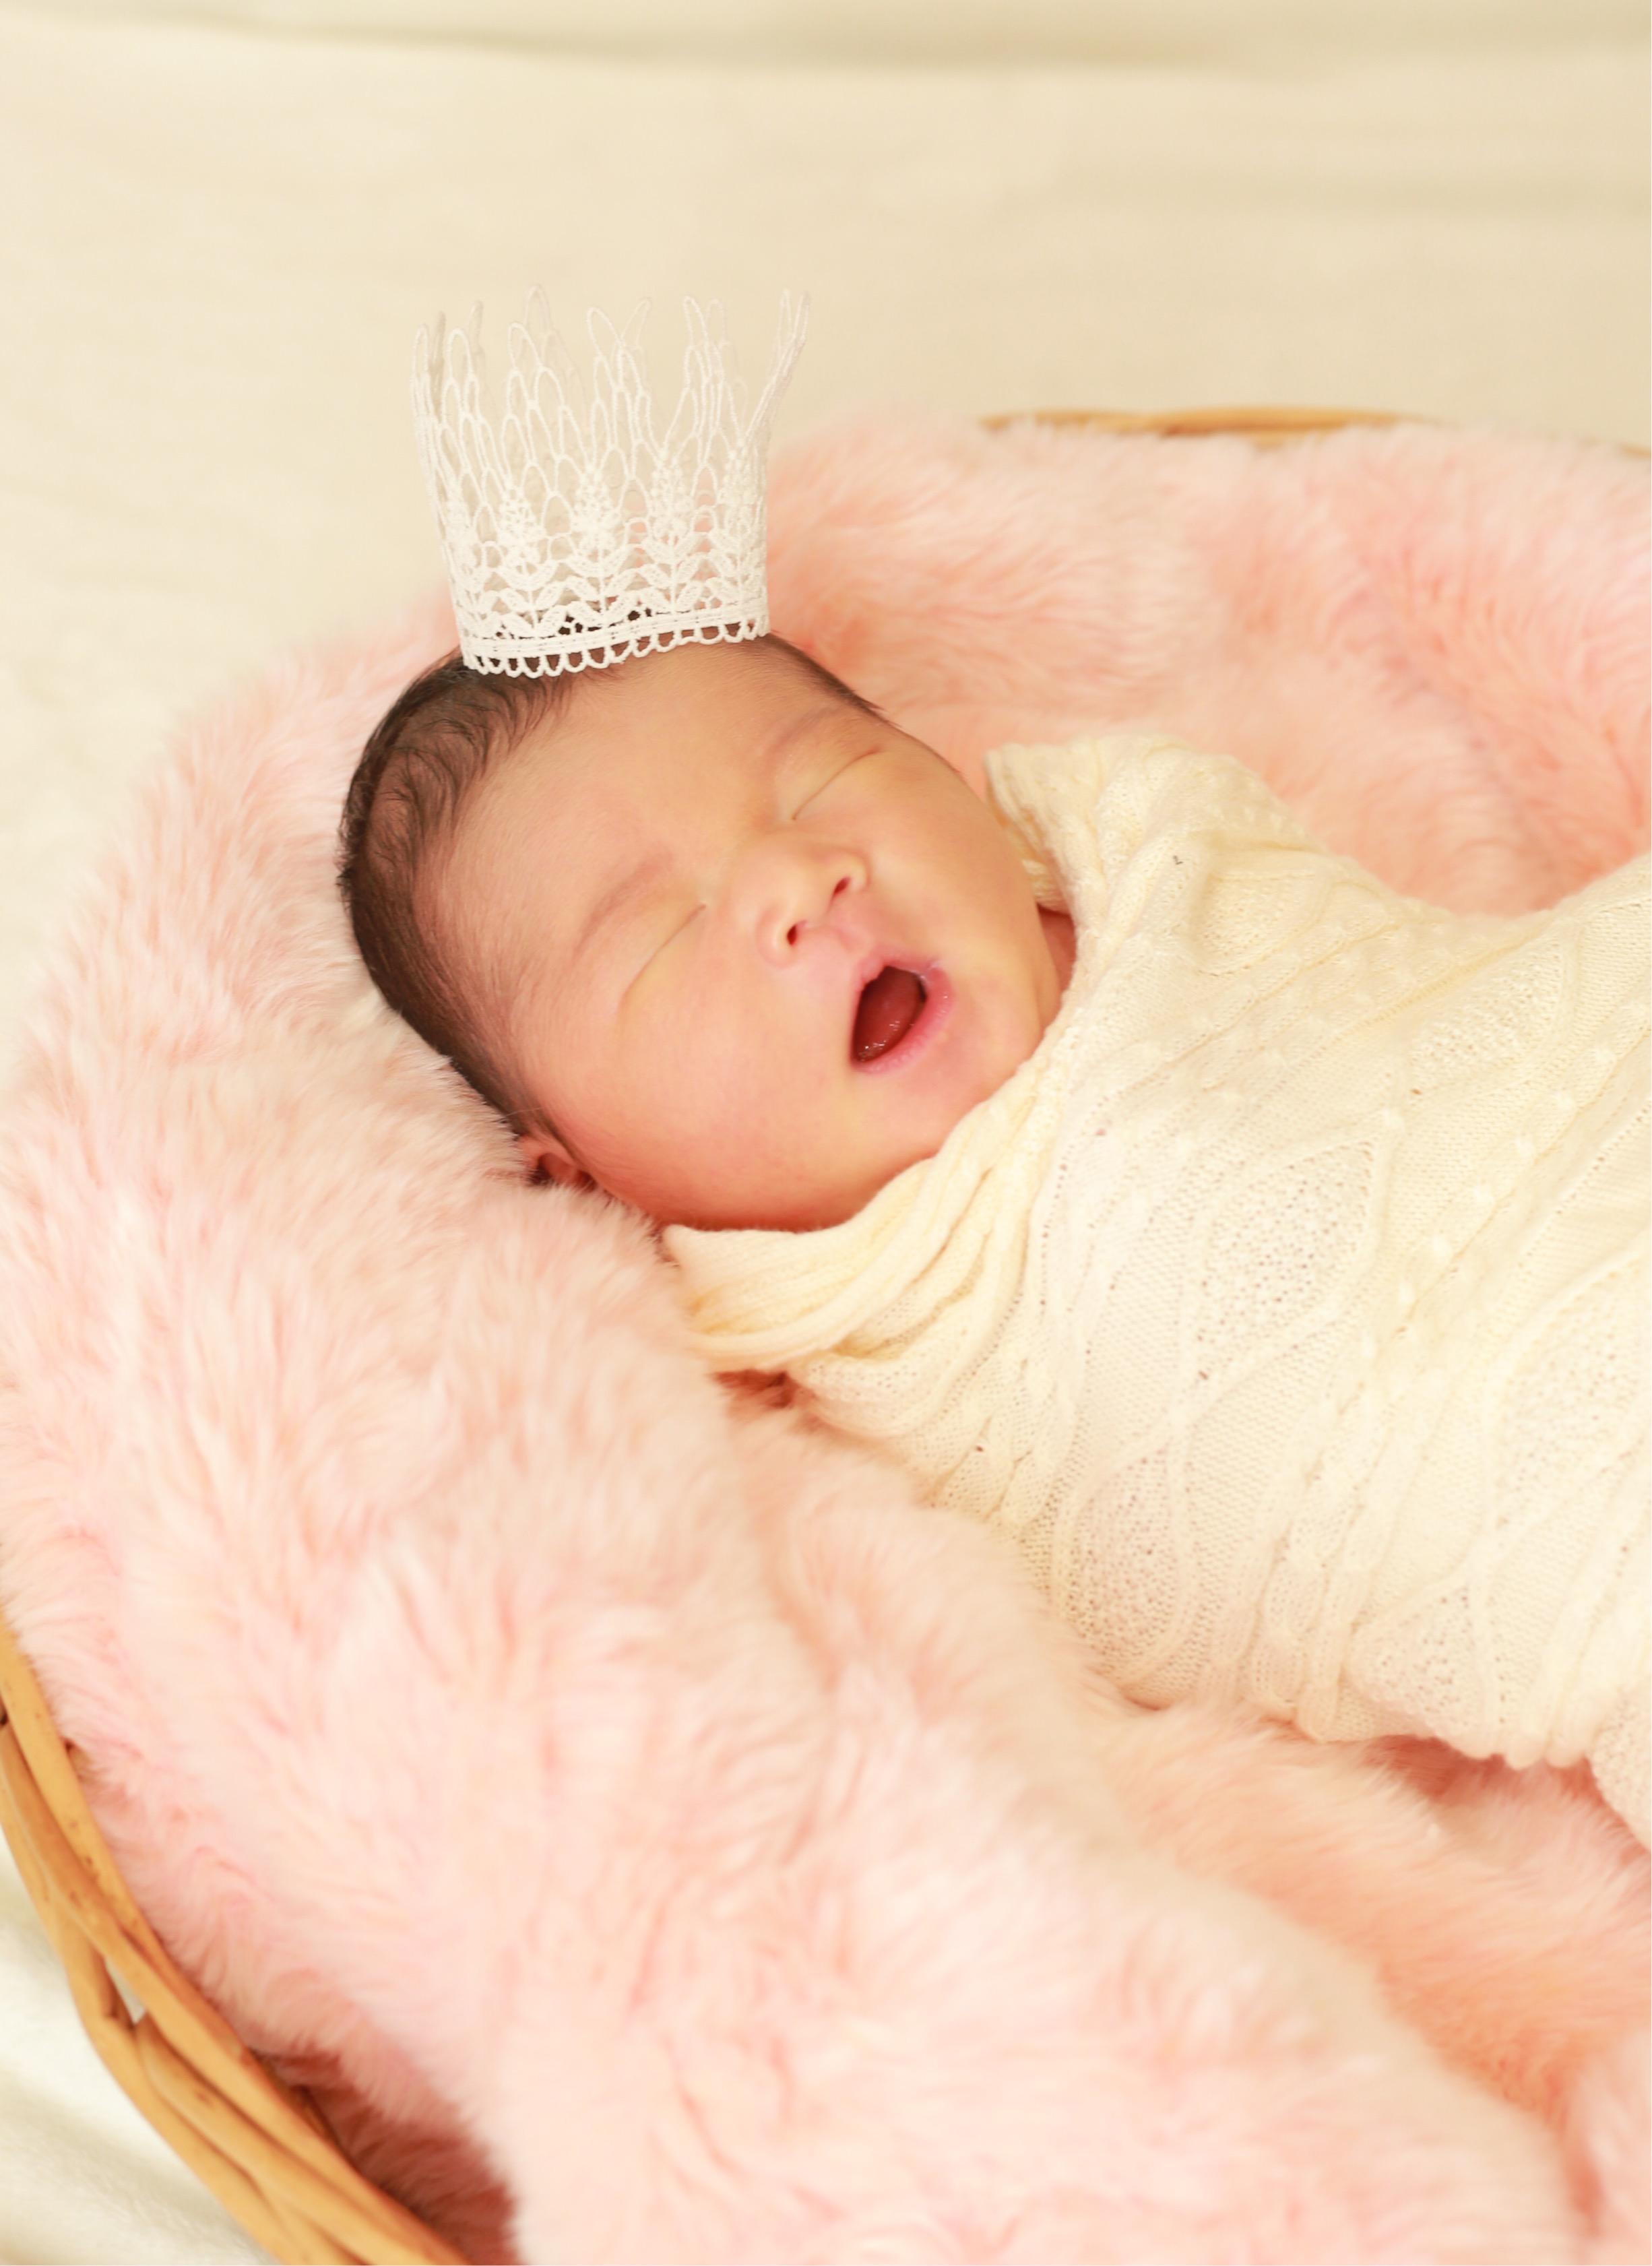 ニューボーンフォト♡生後5日目の赤ちゃん♡